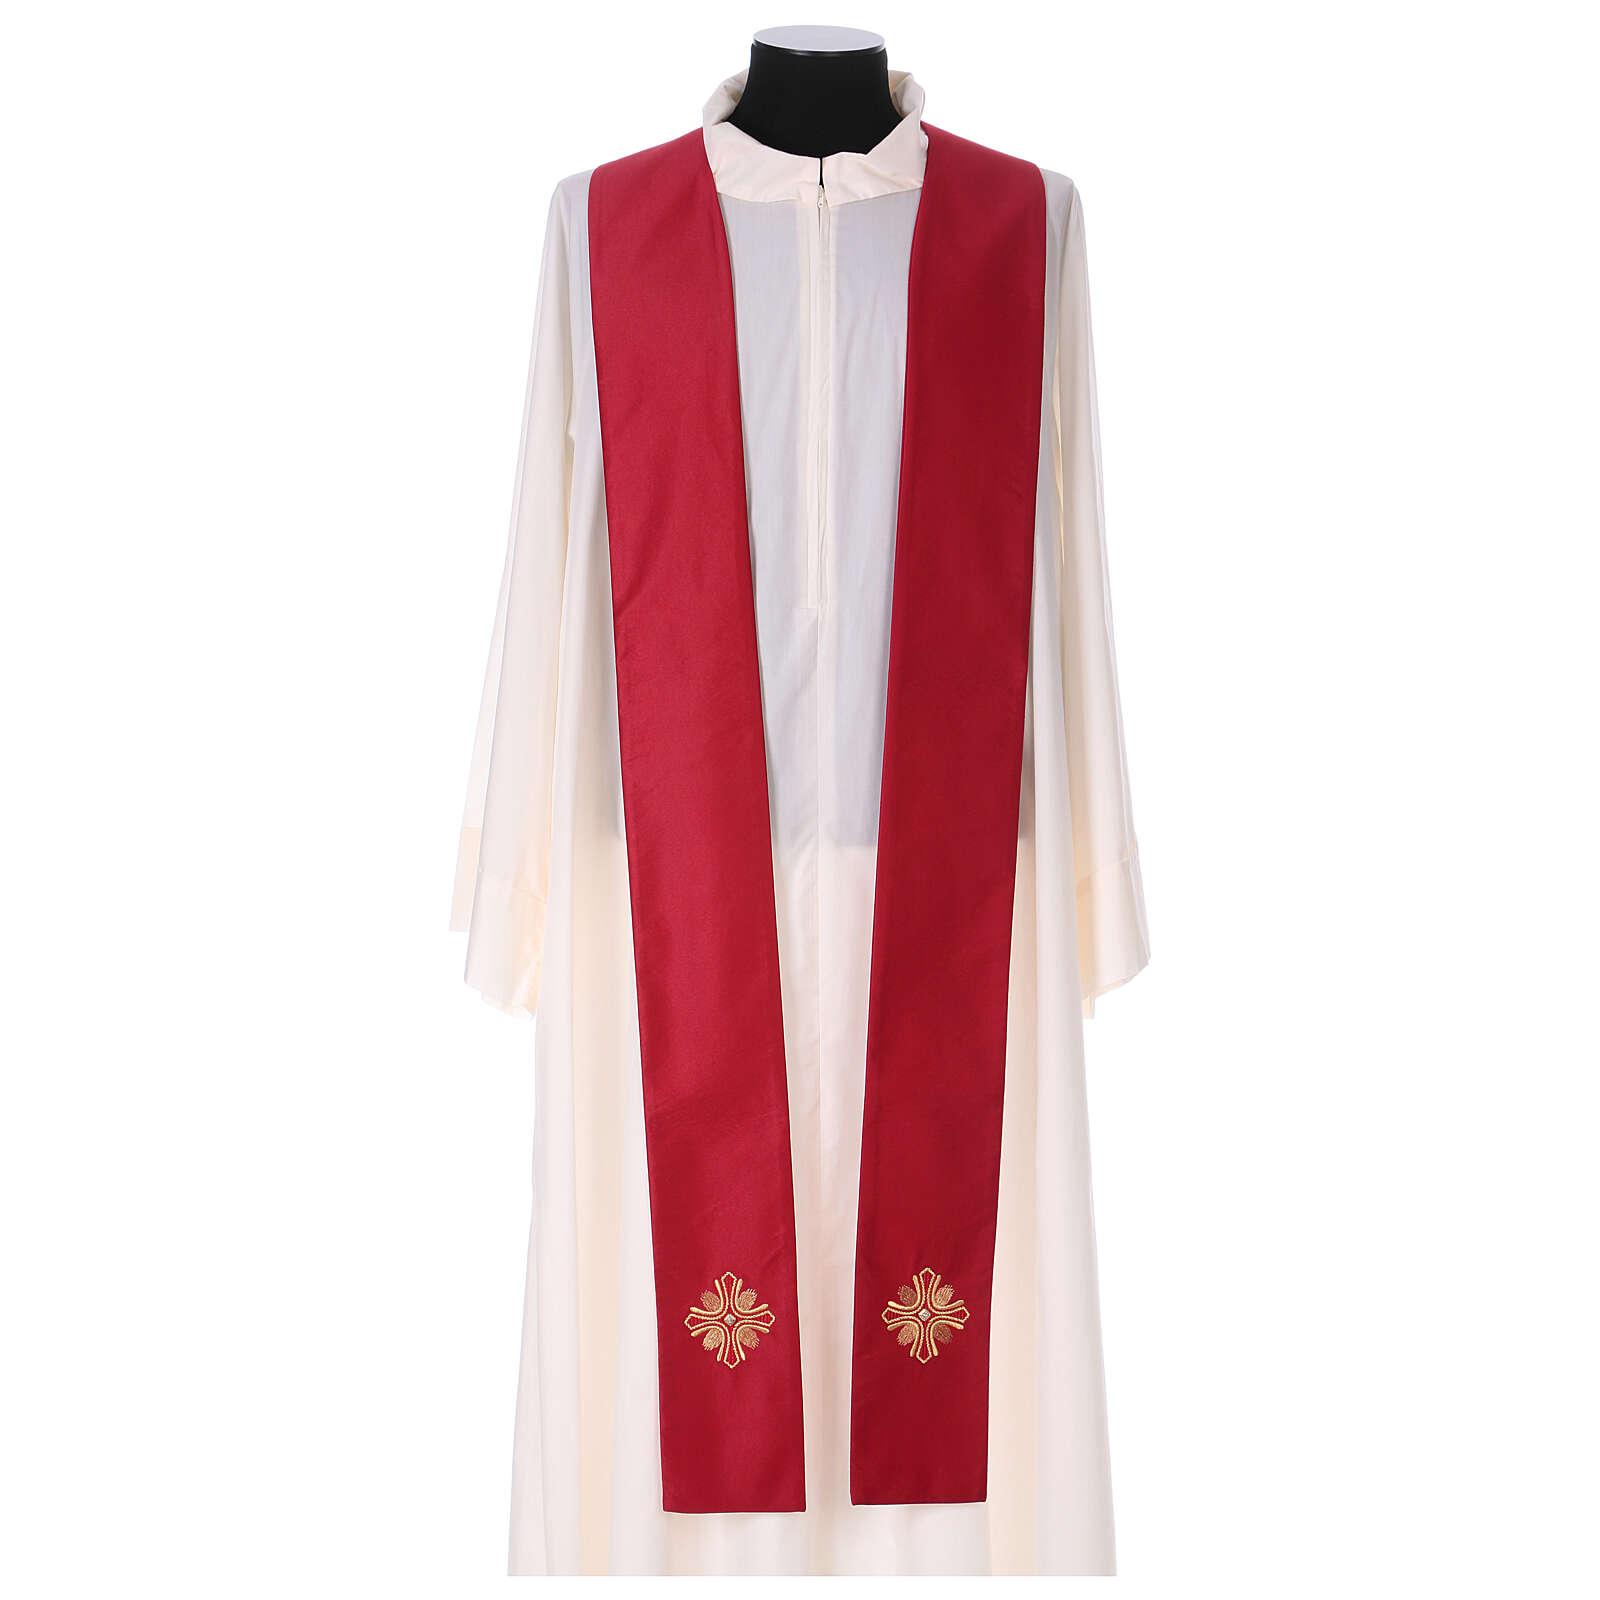 Casulla poliéster y decoración cruz y piedras Limited Edition 4